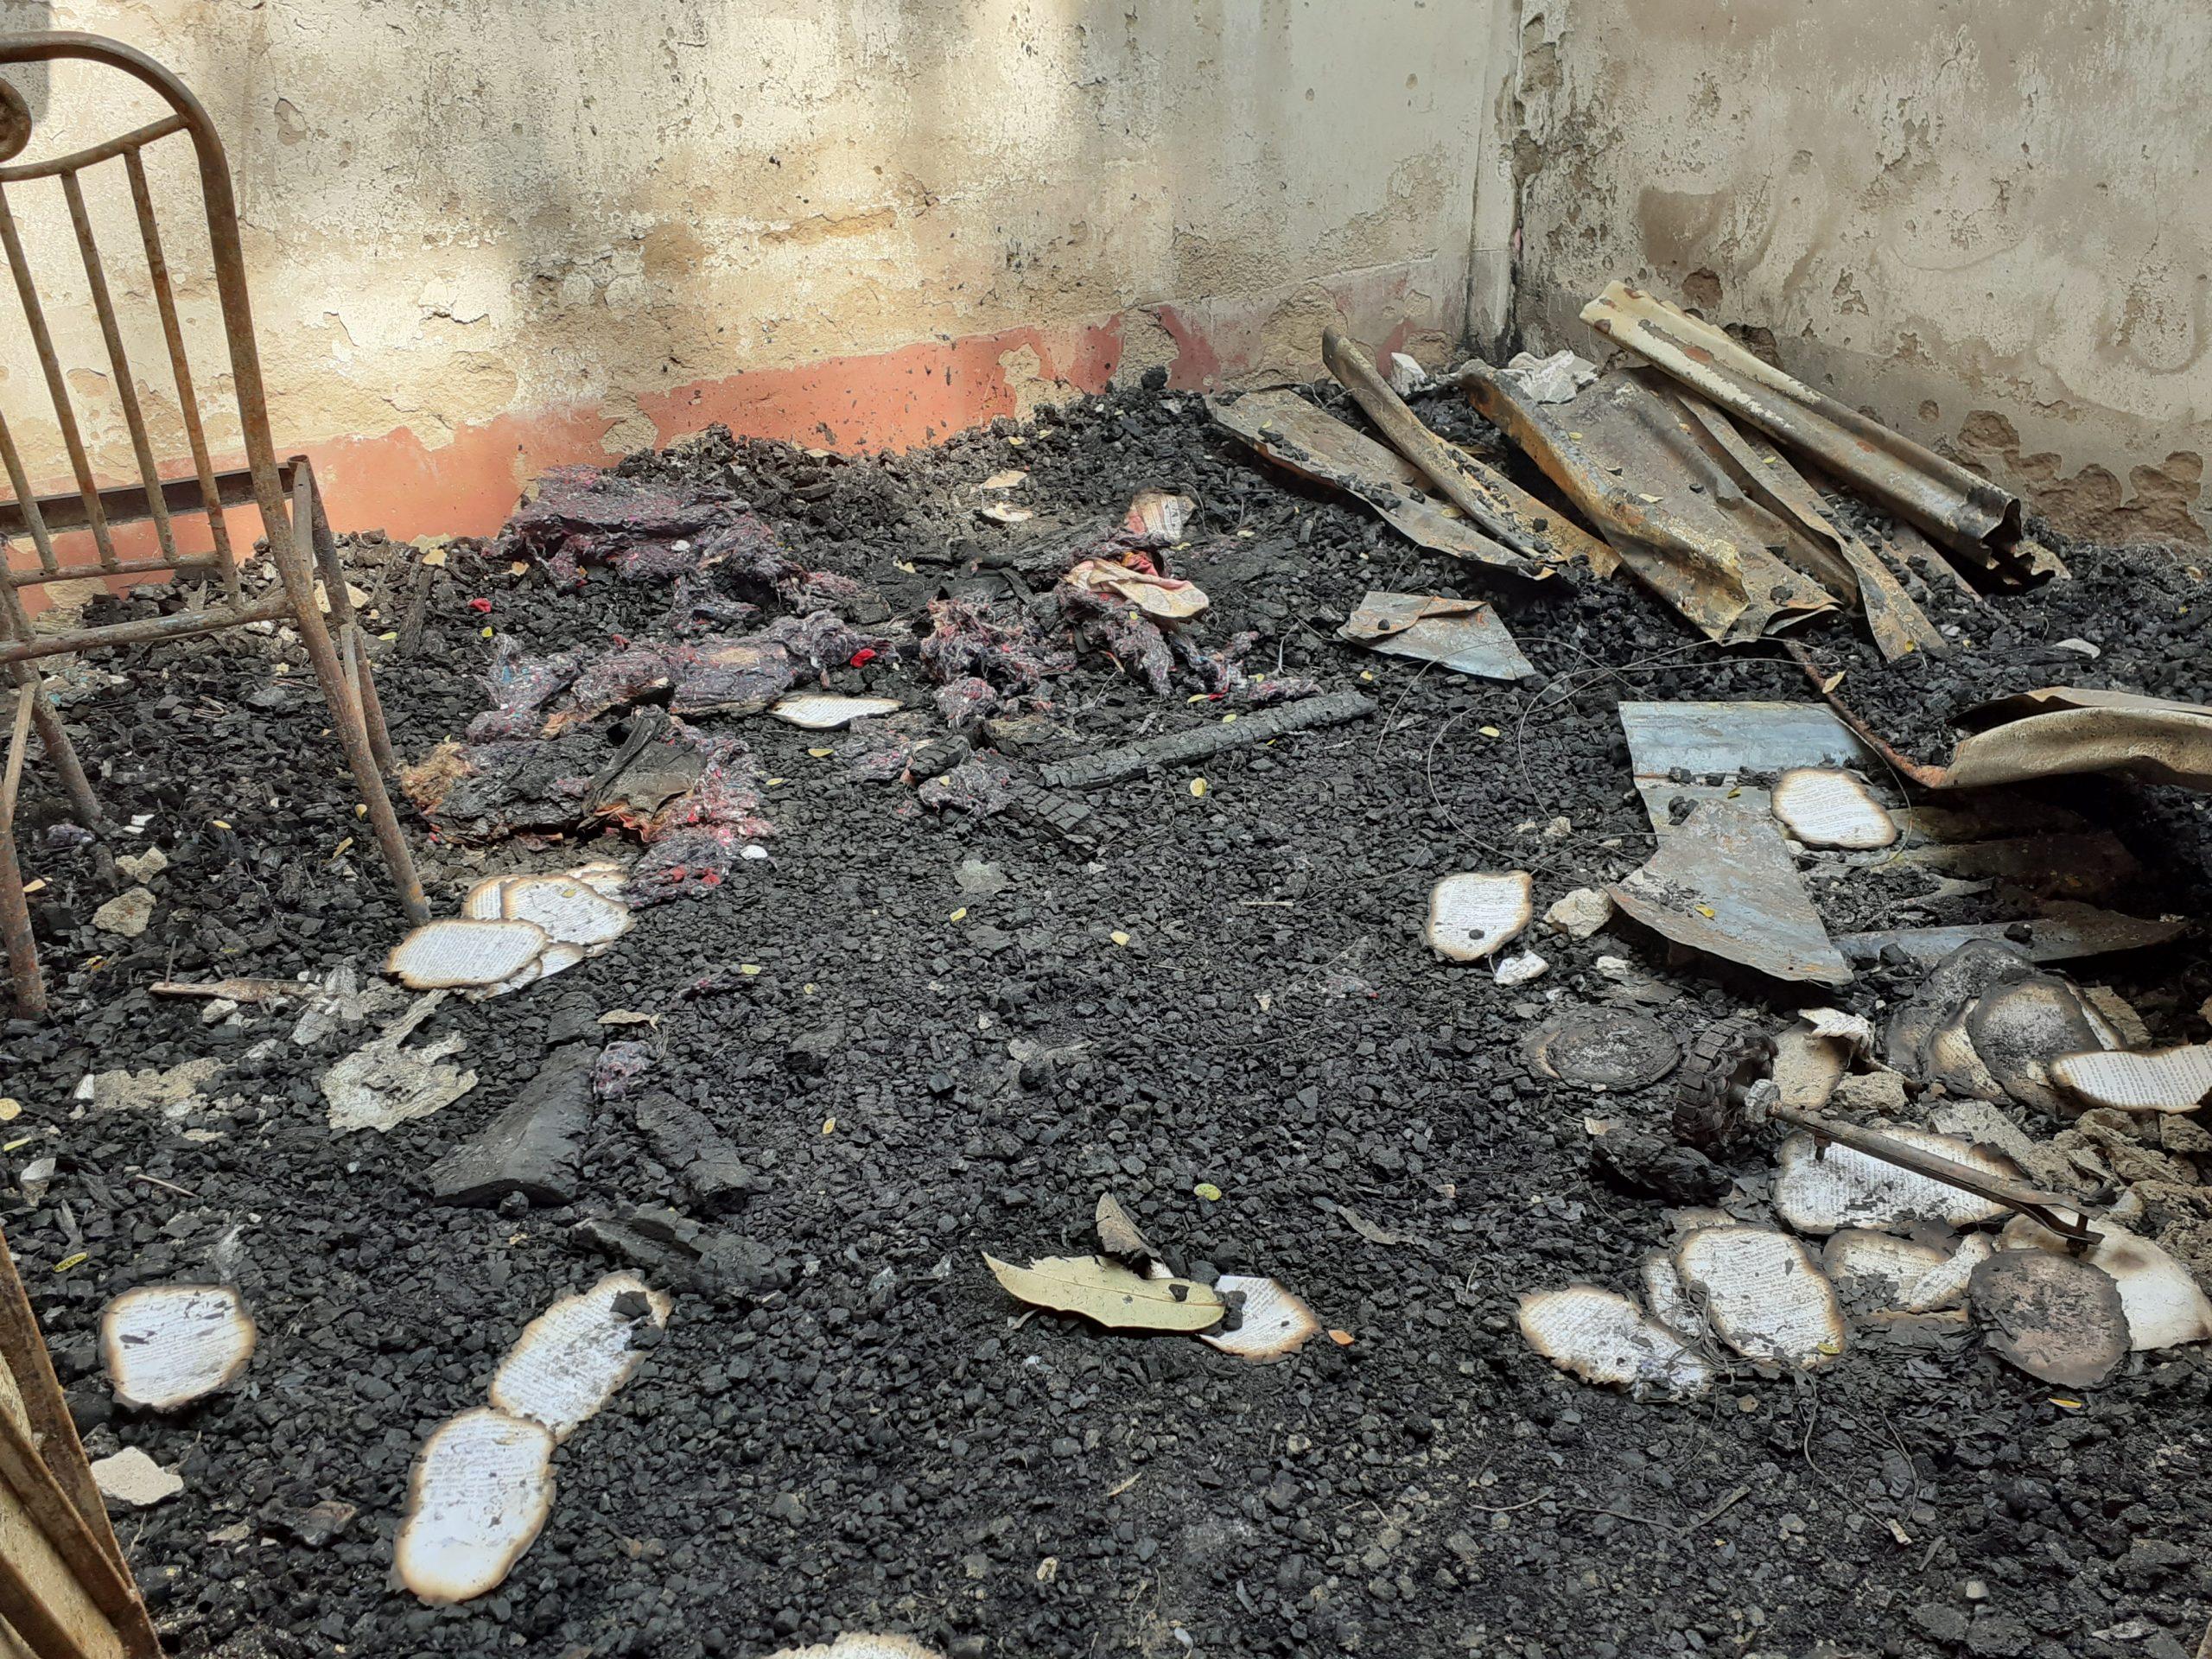 কমলনগরে দুর্বৃত্তদের আগুনে পোড়া পুলিশ কনস্টেবলের বসত ঘরে পড়ে আছে ধ্বংসস্তূপ